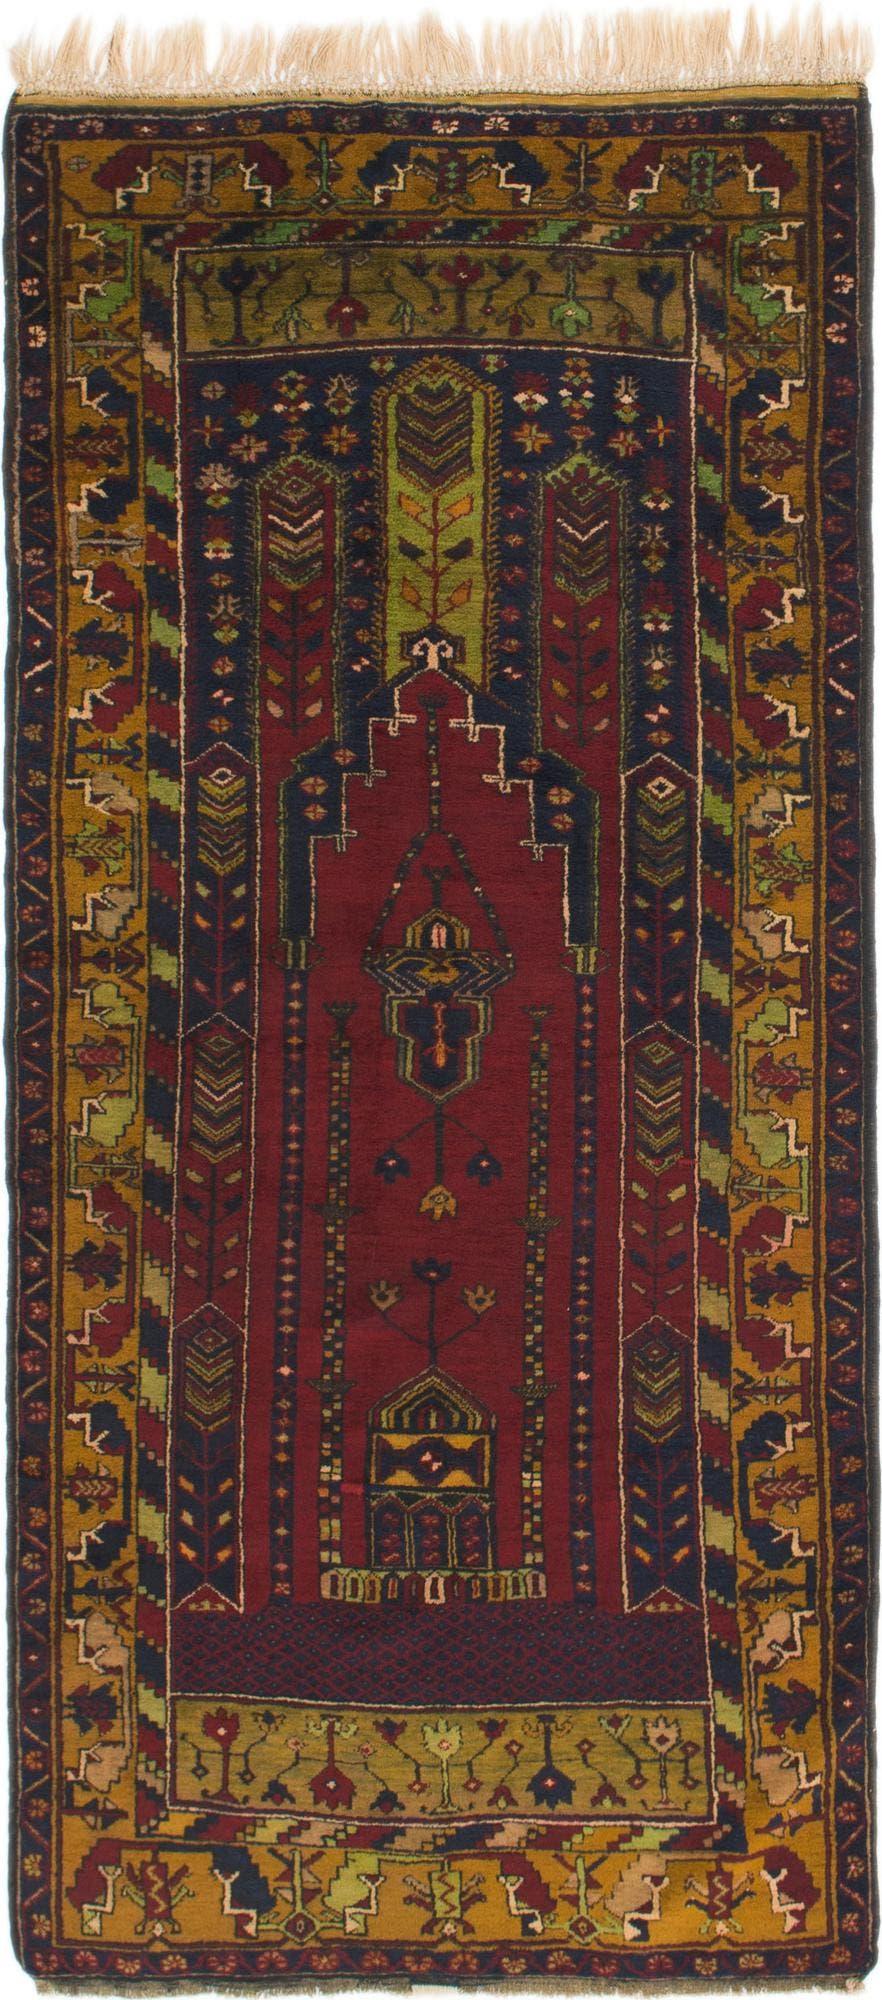 4' x 8' 10 Anatolian Runner Rug main image